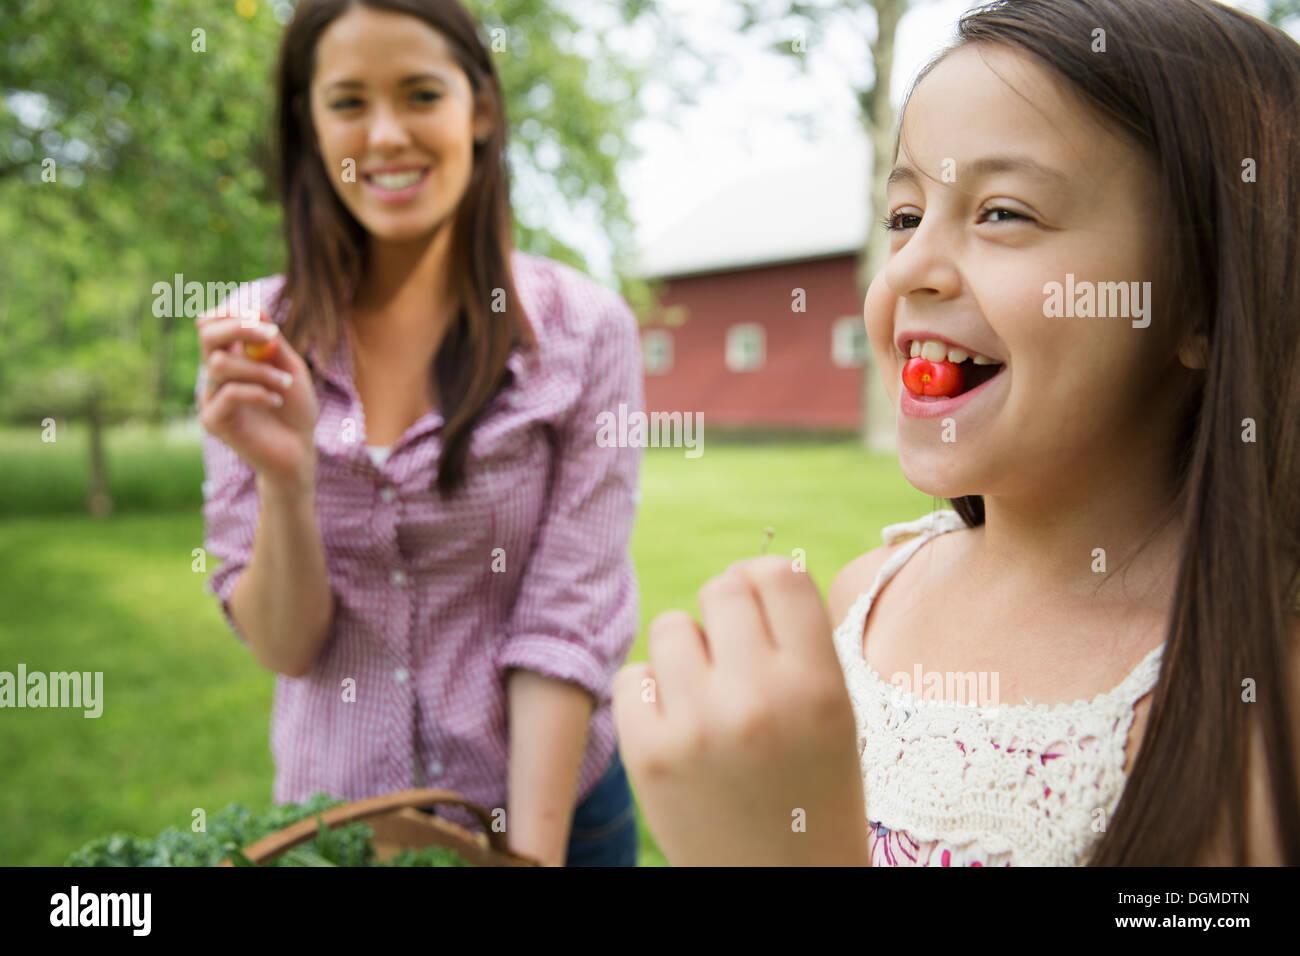 Festa di famiglia. Un bambino con una ciliegia fresca tra i suoi denti. Una giovane donna guardandola e ridere. Immagini Stock